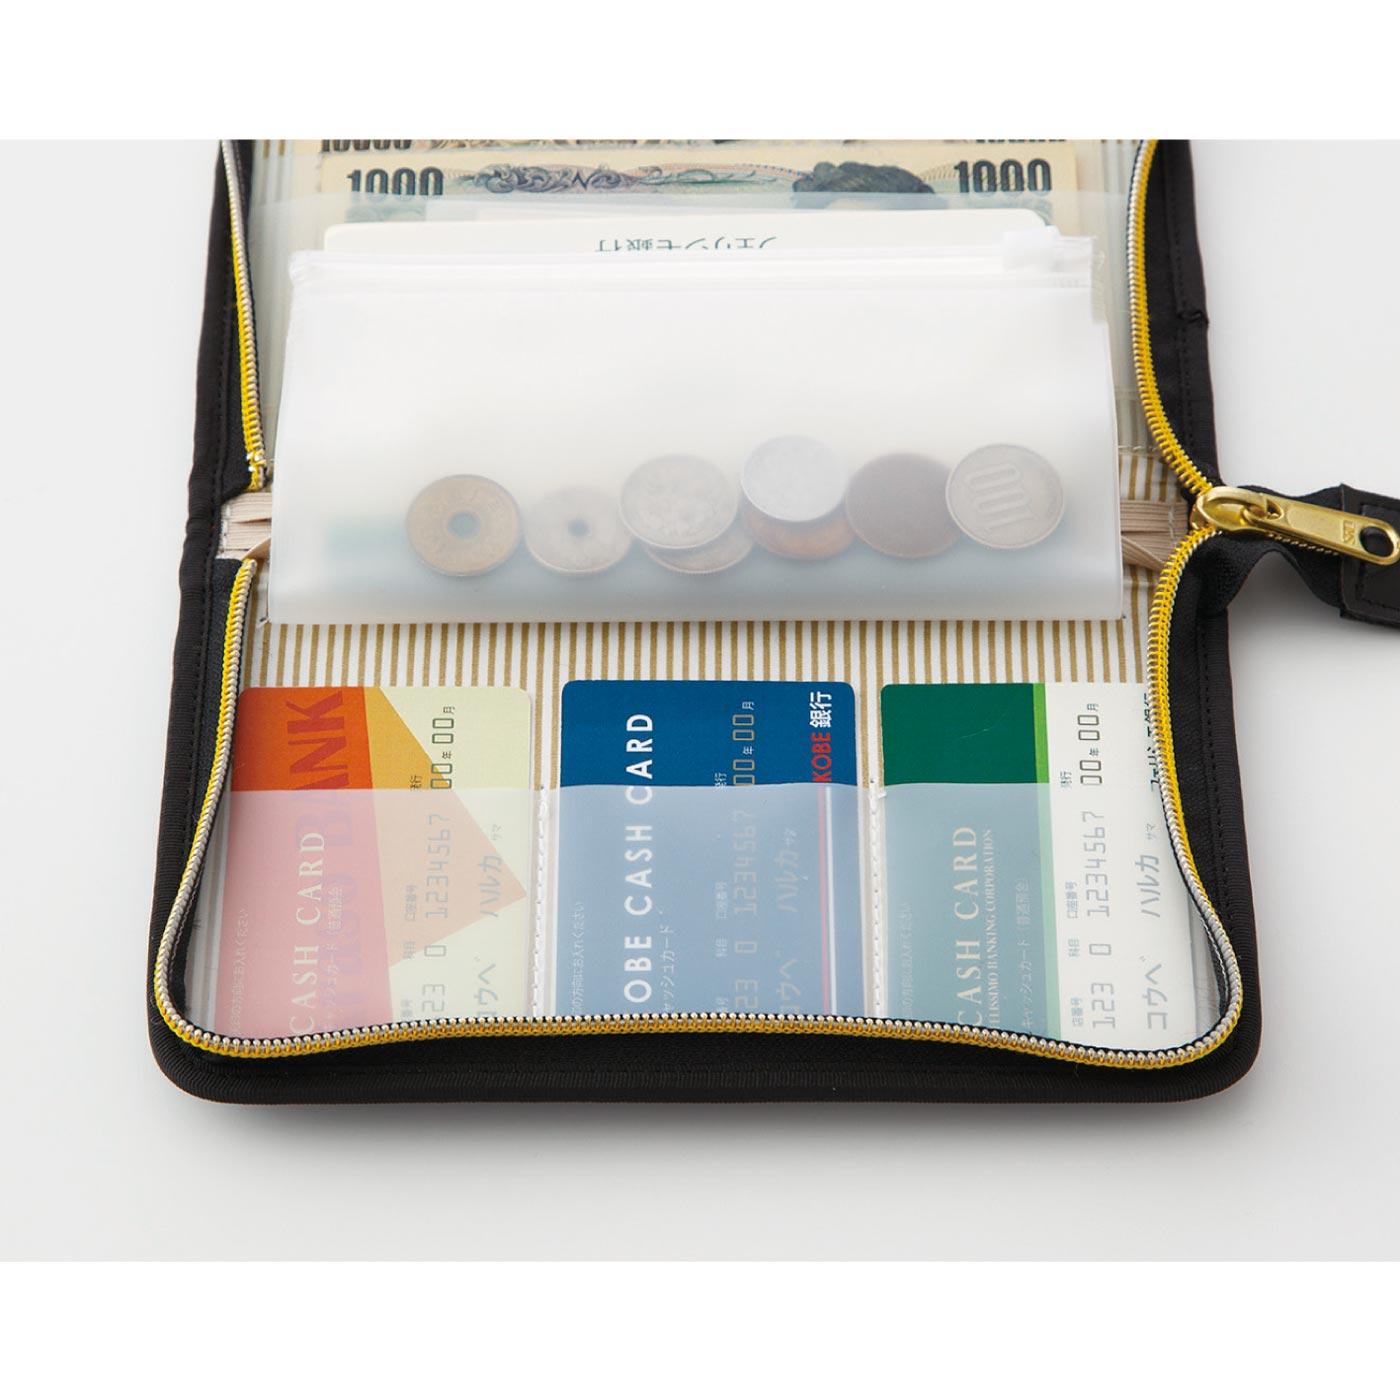 振込用紙や小銭などが入るファスナーポケットと3つのカードポケット付き。